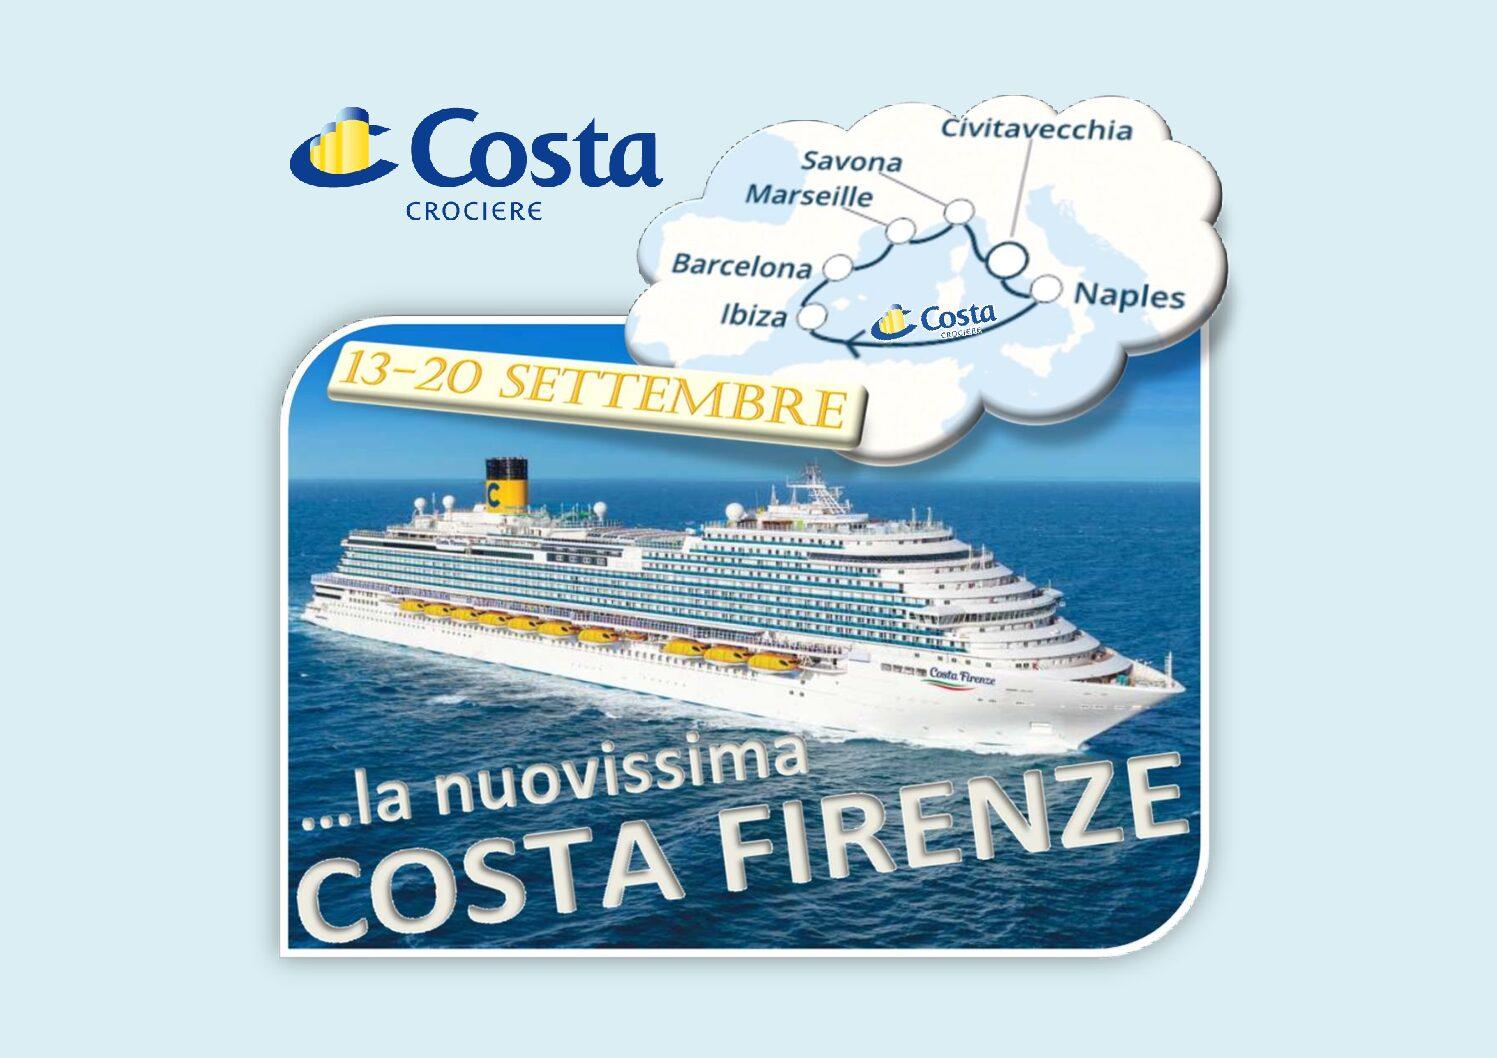 13-20 Settembre..in CROCIERA sulla nuovissima COSTA FIRENZE, la nave ispirata alla BELLEZZA del RINASCIMENTO ITALIANO